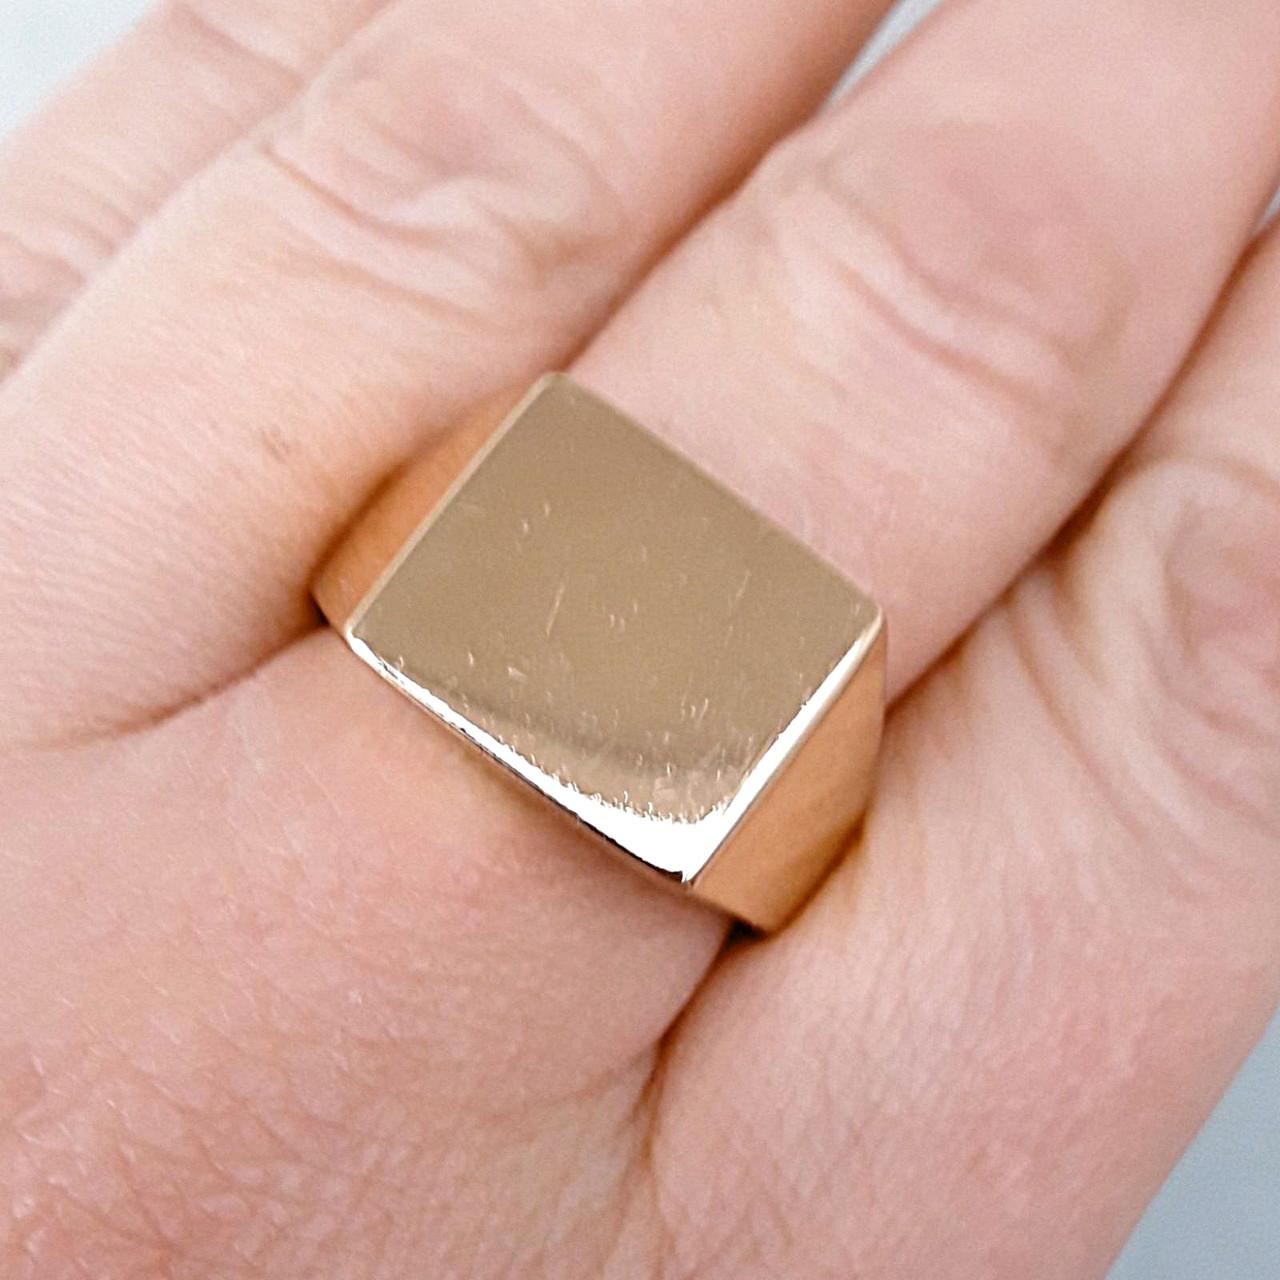 Кольцо xuping 21р печатка мужская 1.3см позолота 18К медзолото м268